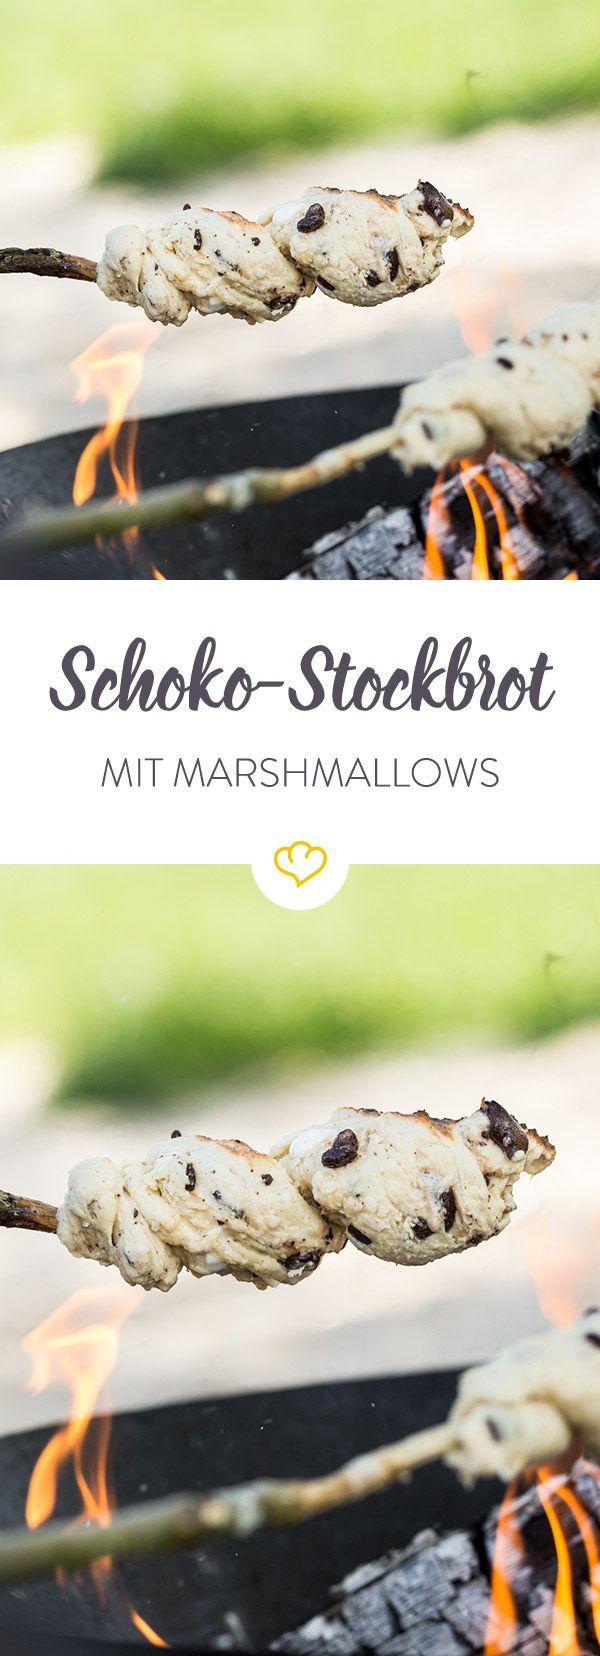 Grill-Dessert: Stockbrot mit Marshmallows und Schokolade #grilleddesserts